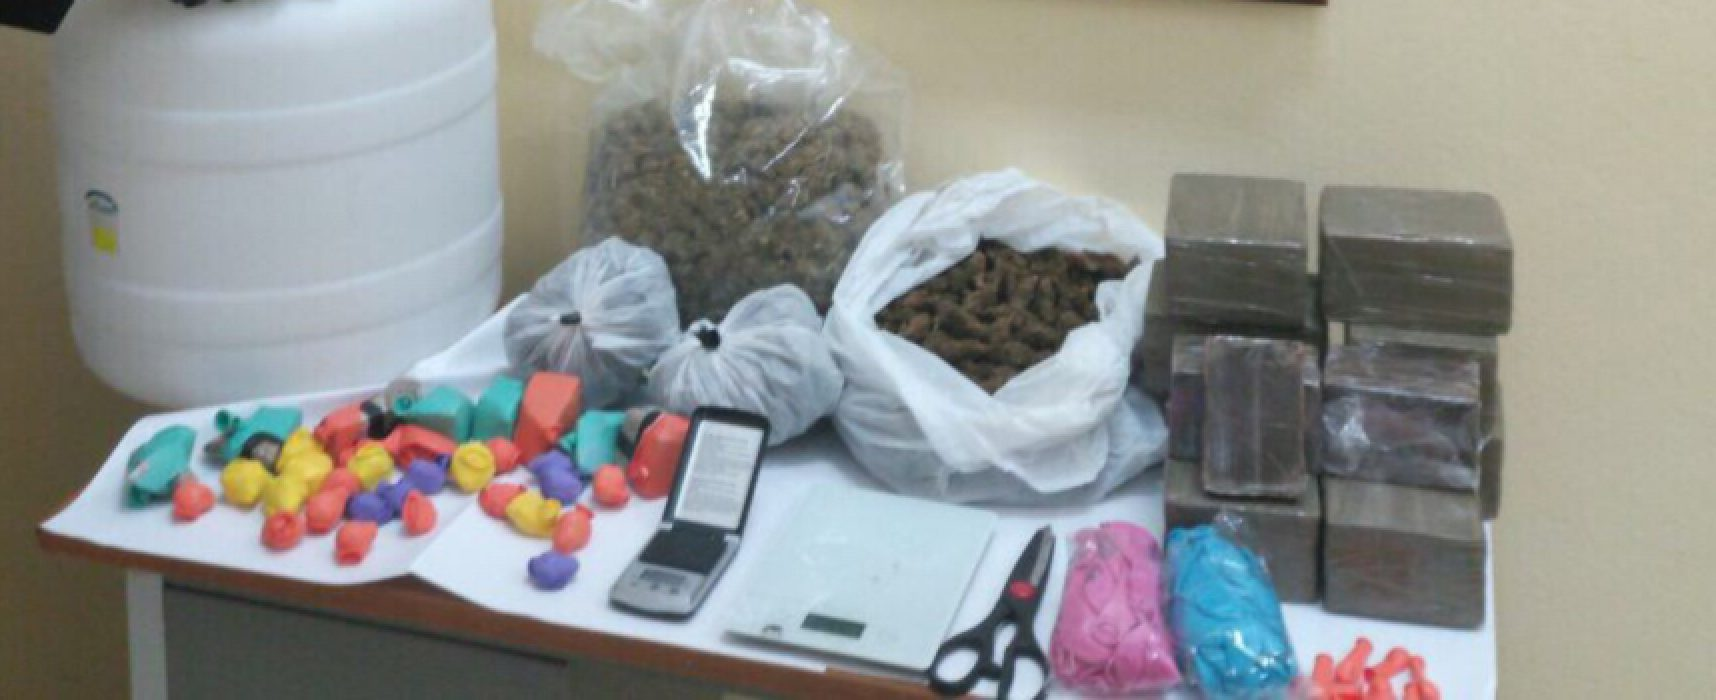 Bisceglie: 11 chili di droga in un sottano nel centro storico, un arresto / VIDEO